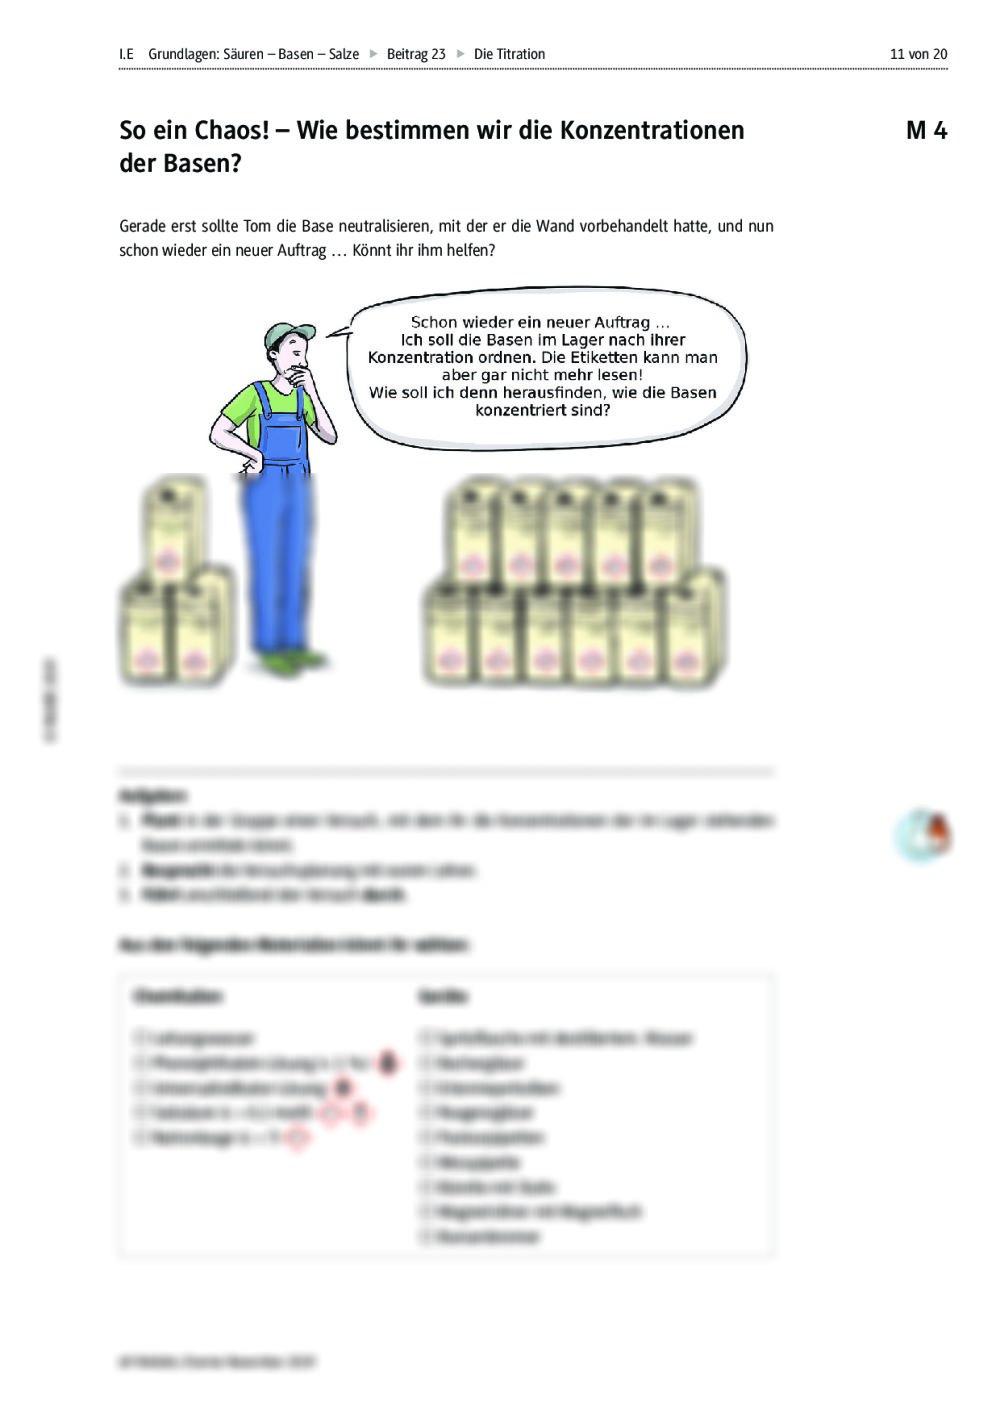 Die Titration – Neutralisationsreaktion zur Bestimmung der ...